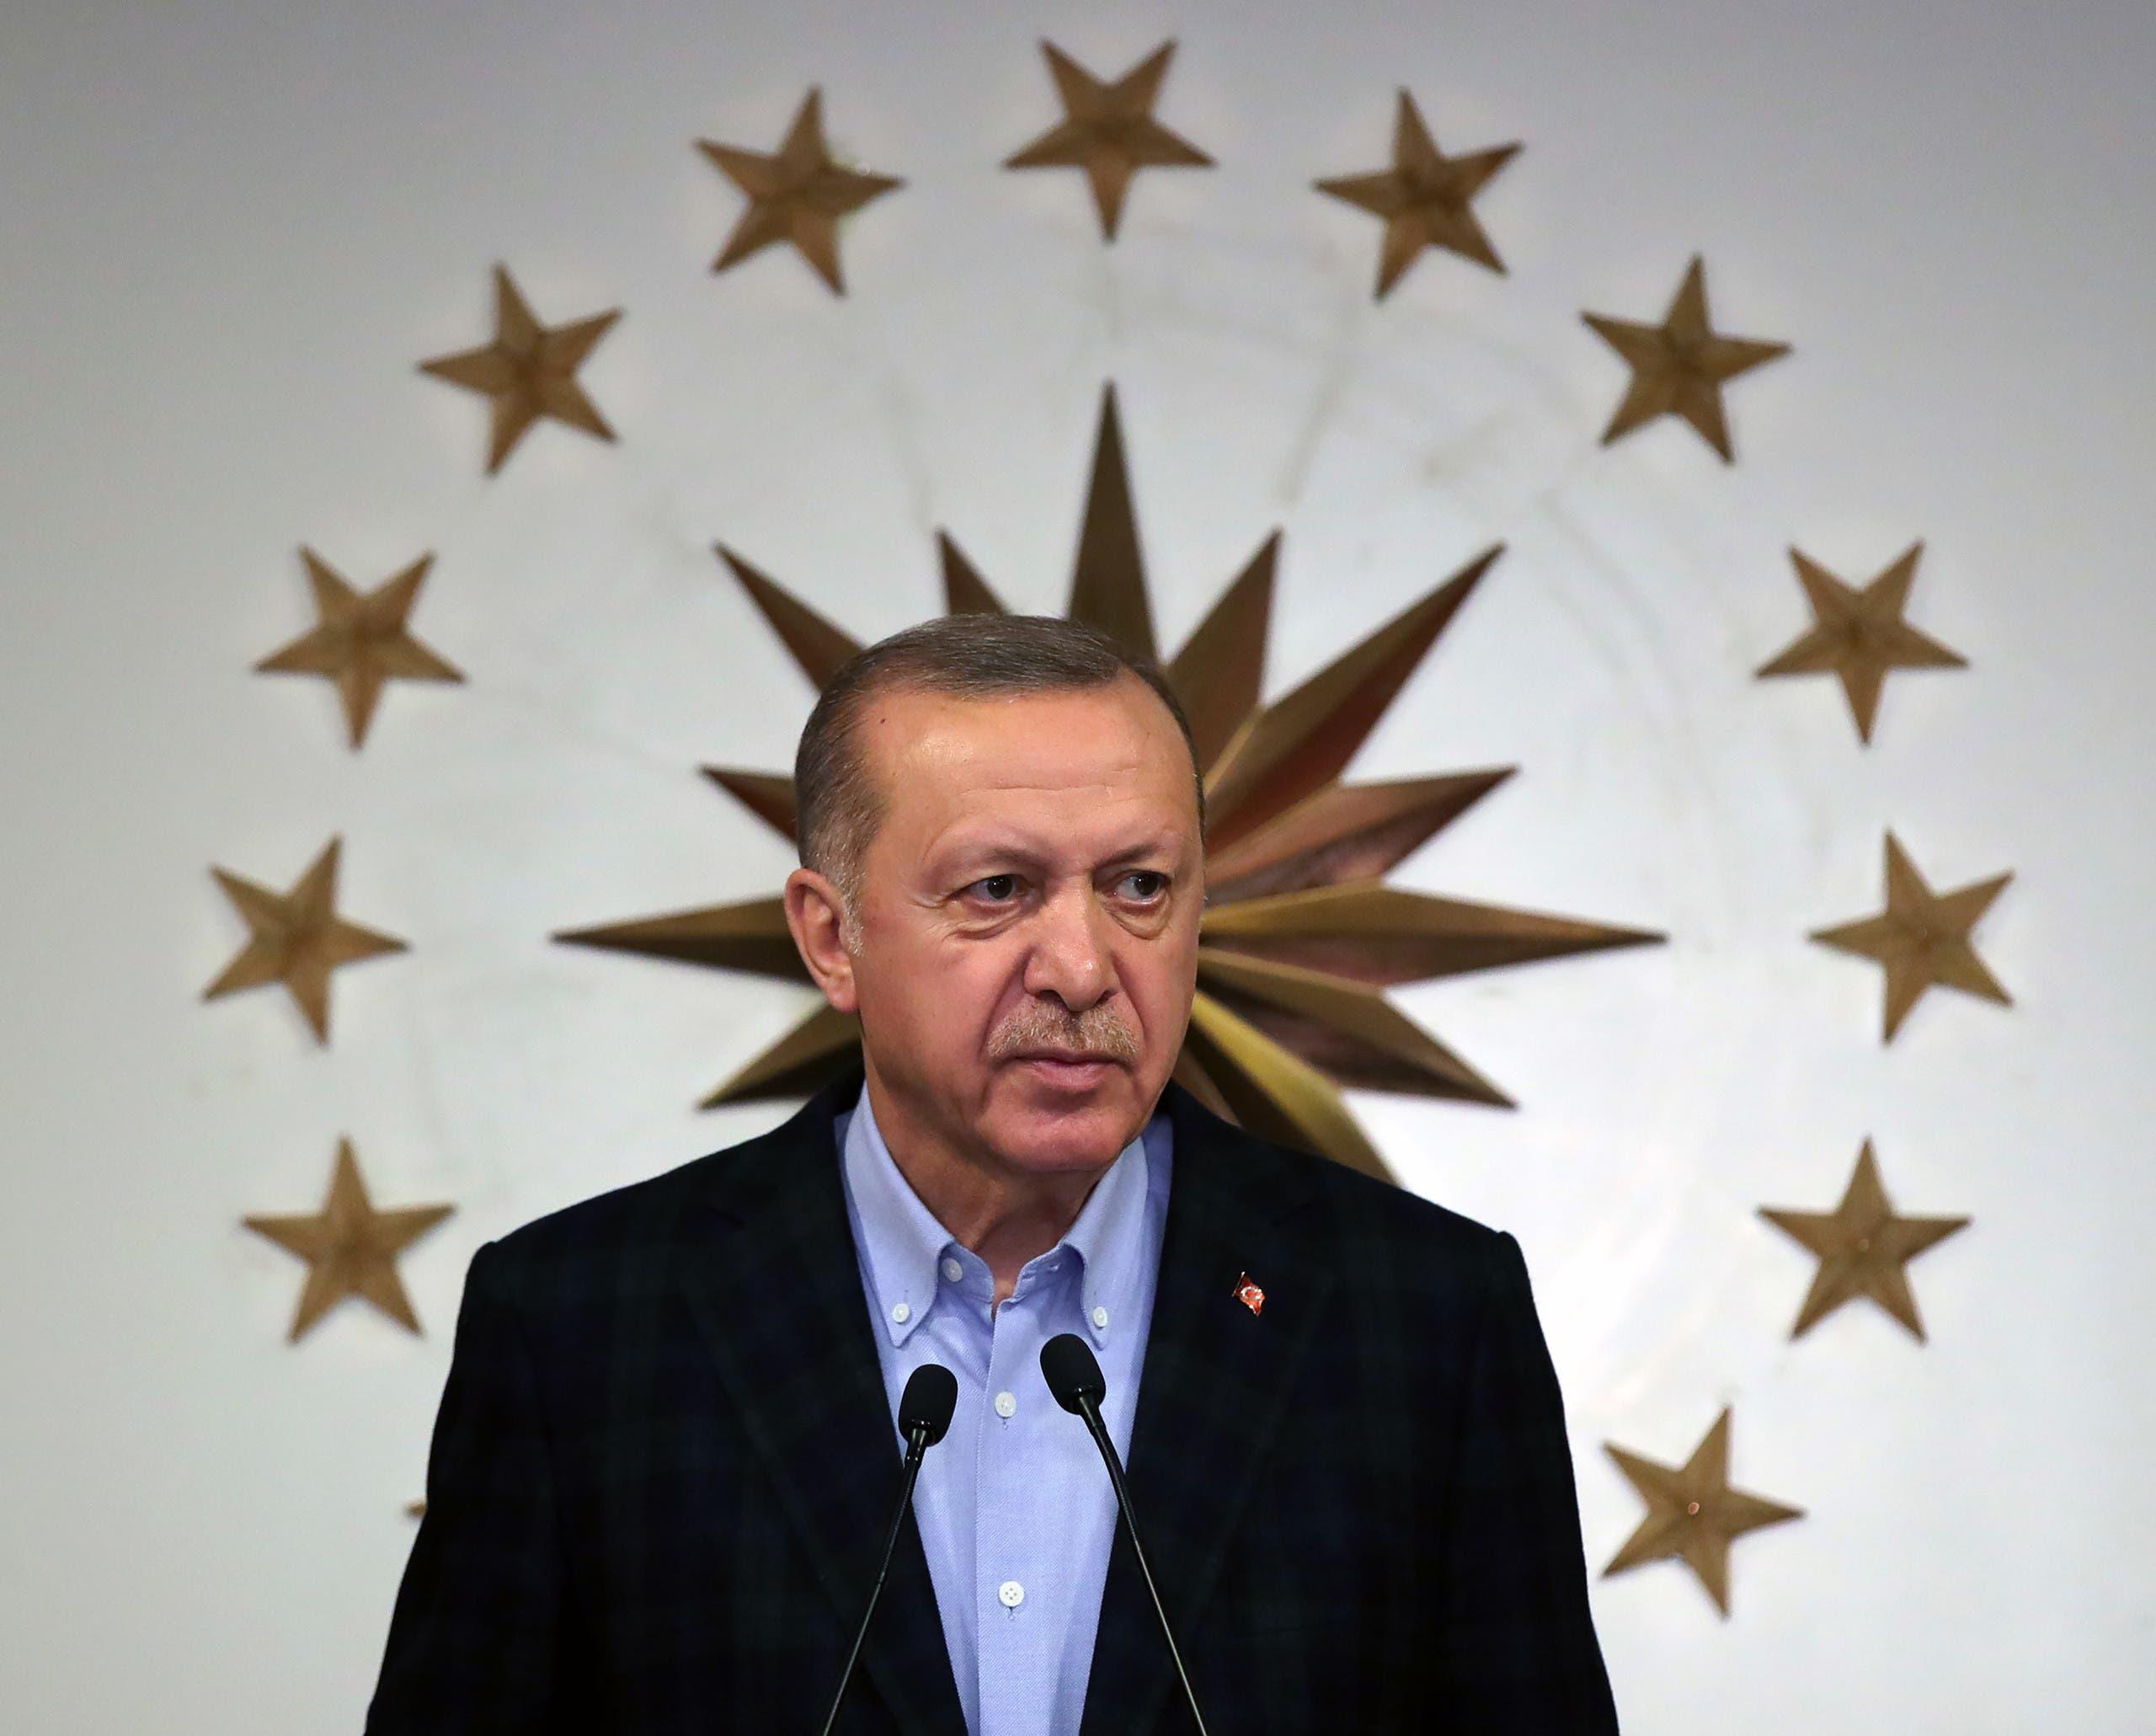 الرئيس التركي رجب طيب أردوغان أرشيفية- فرانس برس)